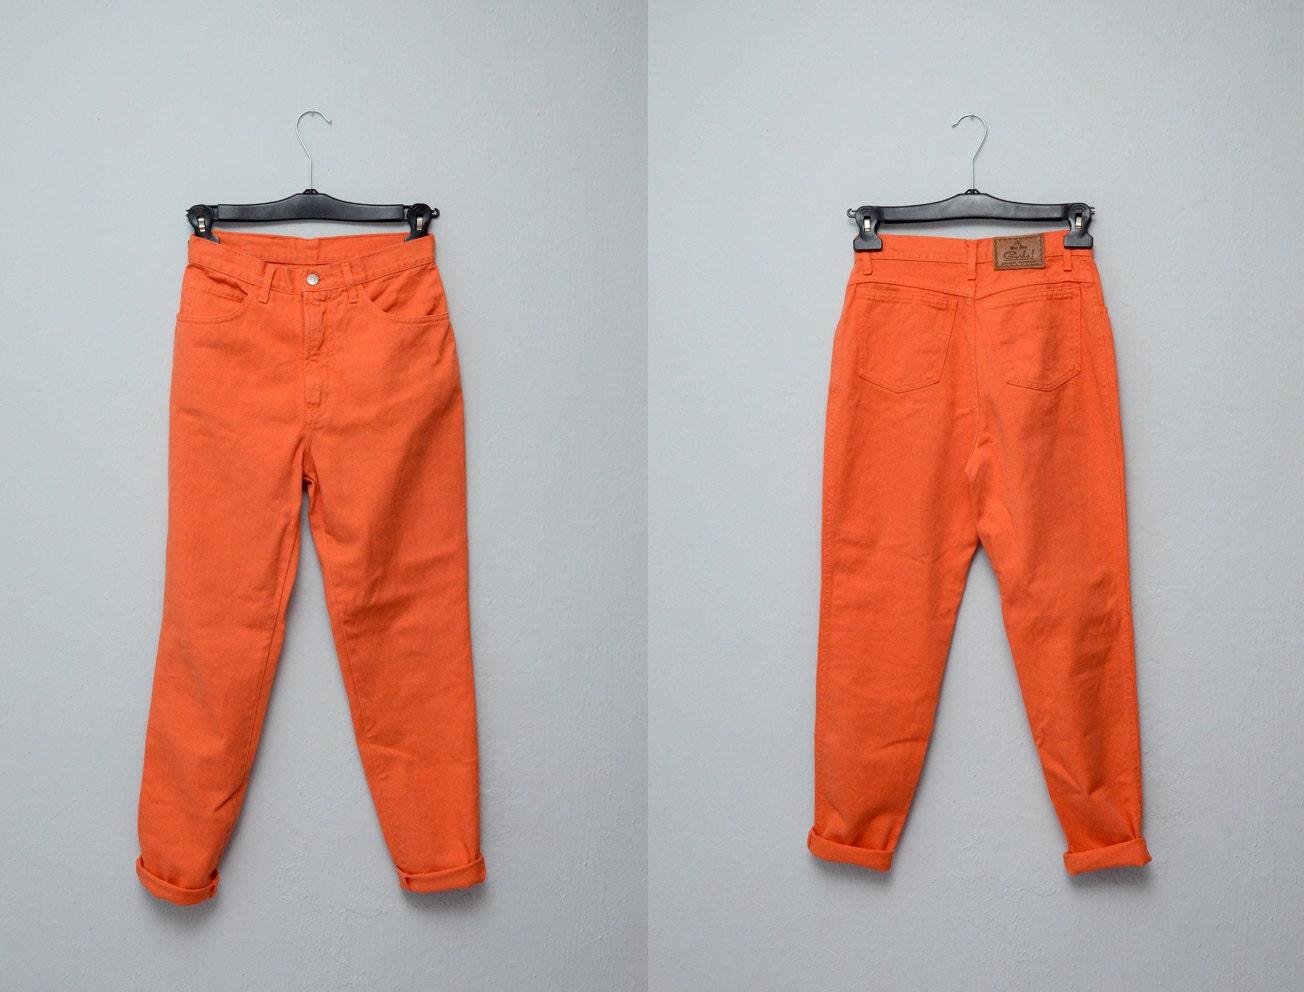 High Waist Orange Jeans 90s